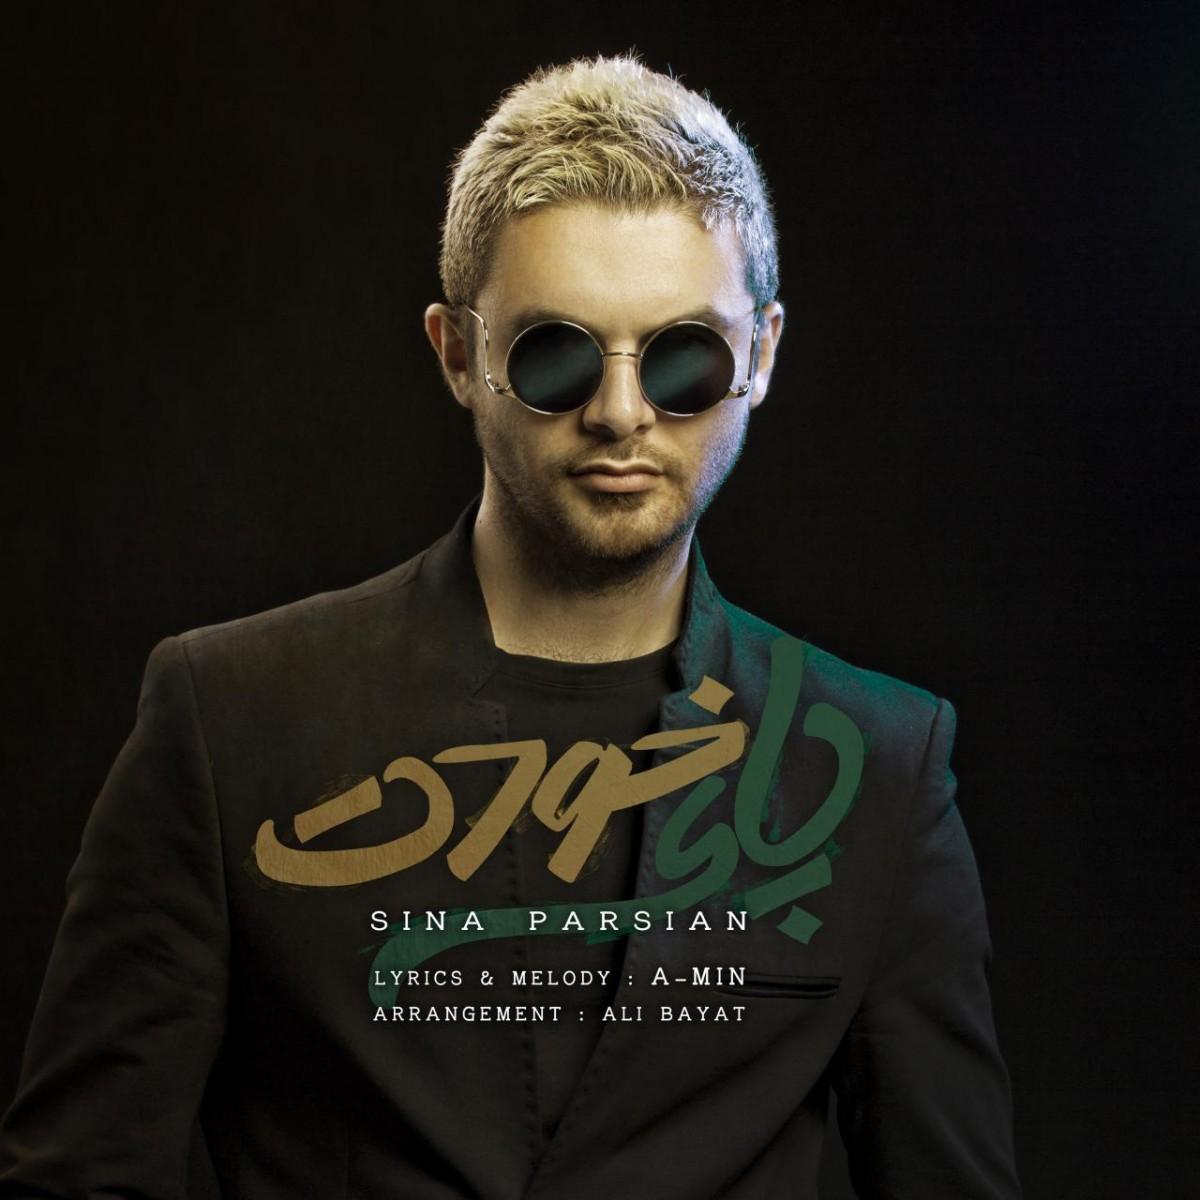 نامبر وان موزیک   دانلود آهنگ جدید Sina-Parsian-Paye-Khodet